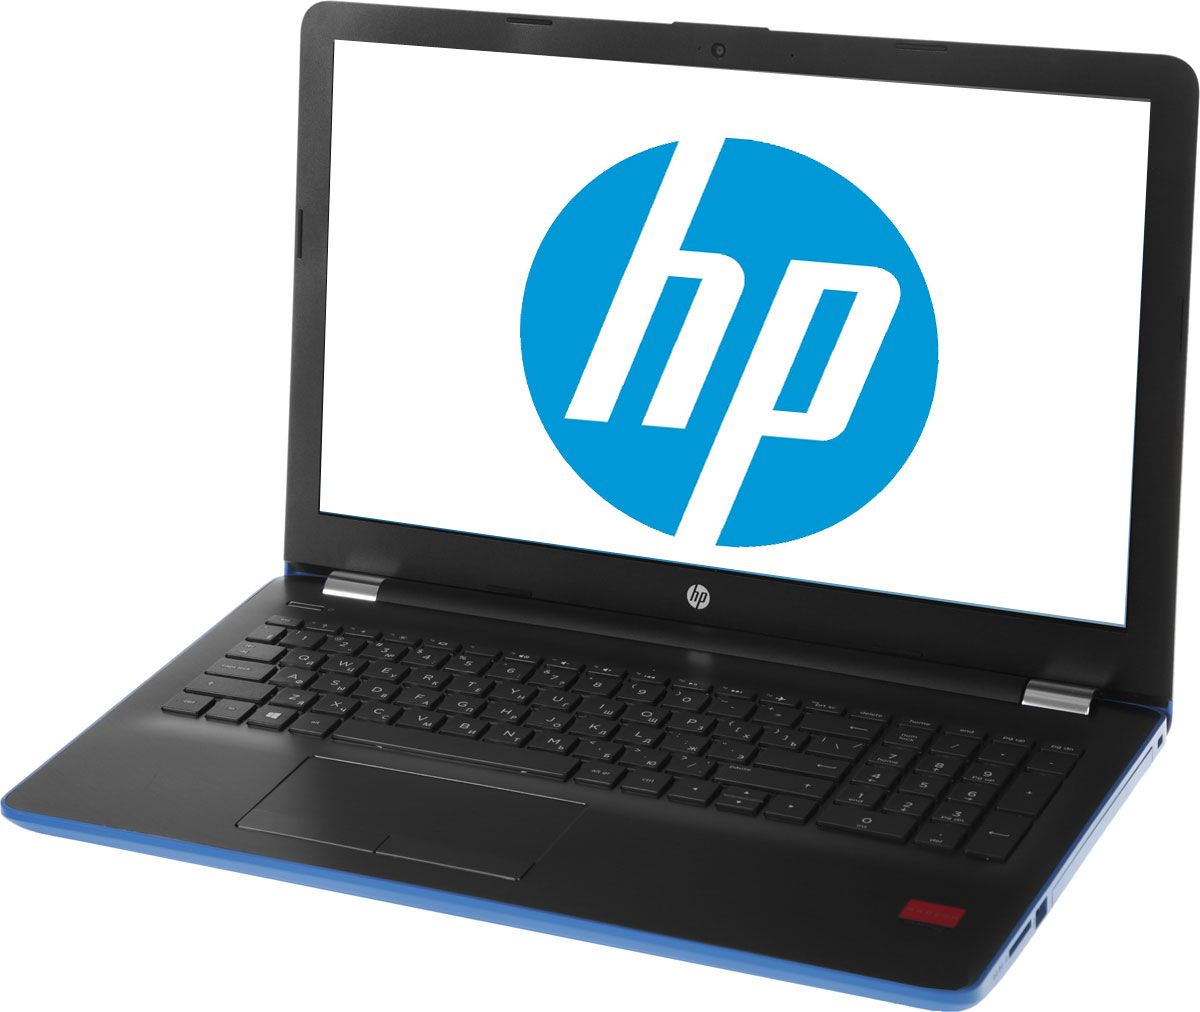 HP 15-bw534ur, Blue (2FQ71EA)2FQ71EAСтильный ноутбук HP 15-bw534ur, помимо выполнения повседневных задач, поможет вам оставаться на связи весь день. Благодаря неизменно высокой производительности и длительному времени работы от аккумулятора вы можете с комфортом пользоваться Интернетом, вести потоковое вещание и оставаться на связи с нужными людьми.Новейшие процессоры AMD обеспечивают неизменно высокую производительность, которая необходима для работы и развлечений. Надежность и долговечность ноутбука позволят легко выполнять все необходимые задачи.Развлекайтесь и оставайтесь на связи с друзьями и семьей благодаря превосходному дисплею HD (или Full HD в некоторых моделях) и камере HD в некоторых моделях. Кроме того, с этим ноутбуком ваши любимые музыка, фильмы и фотографии будут всегда с вами.Продуманная конструкция и замечательный дизайн этого ноутбука HP с дисплеем диагональю 39,6 см (15,6) идеально подойдут для вашего образа жизни. Изящное оформление, оригинальное покрытие и хромированное шарнирное крепление (на некоторых моделях) добавят немного цвета в будни.Полноразмерная клавиатура островного типа с цифровой клавишной панелью.Сенсорная панель с поддержкой технологии Multi-Touch.Точные характеристики зависят от модификации.Ноутбук сертифицирован EAC и имеет русифицированную клавиатуру и Руководство пользователя